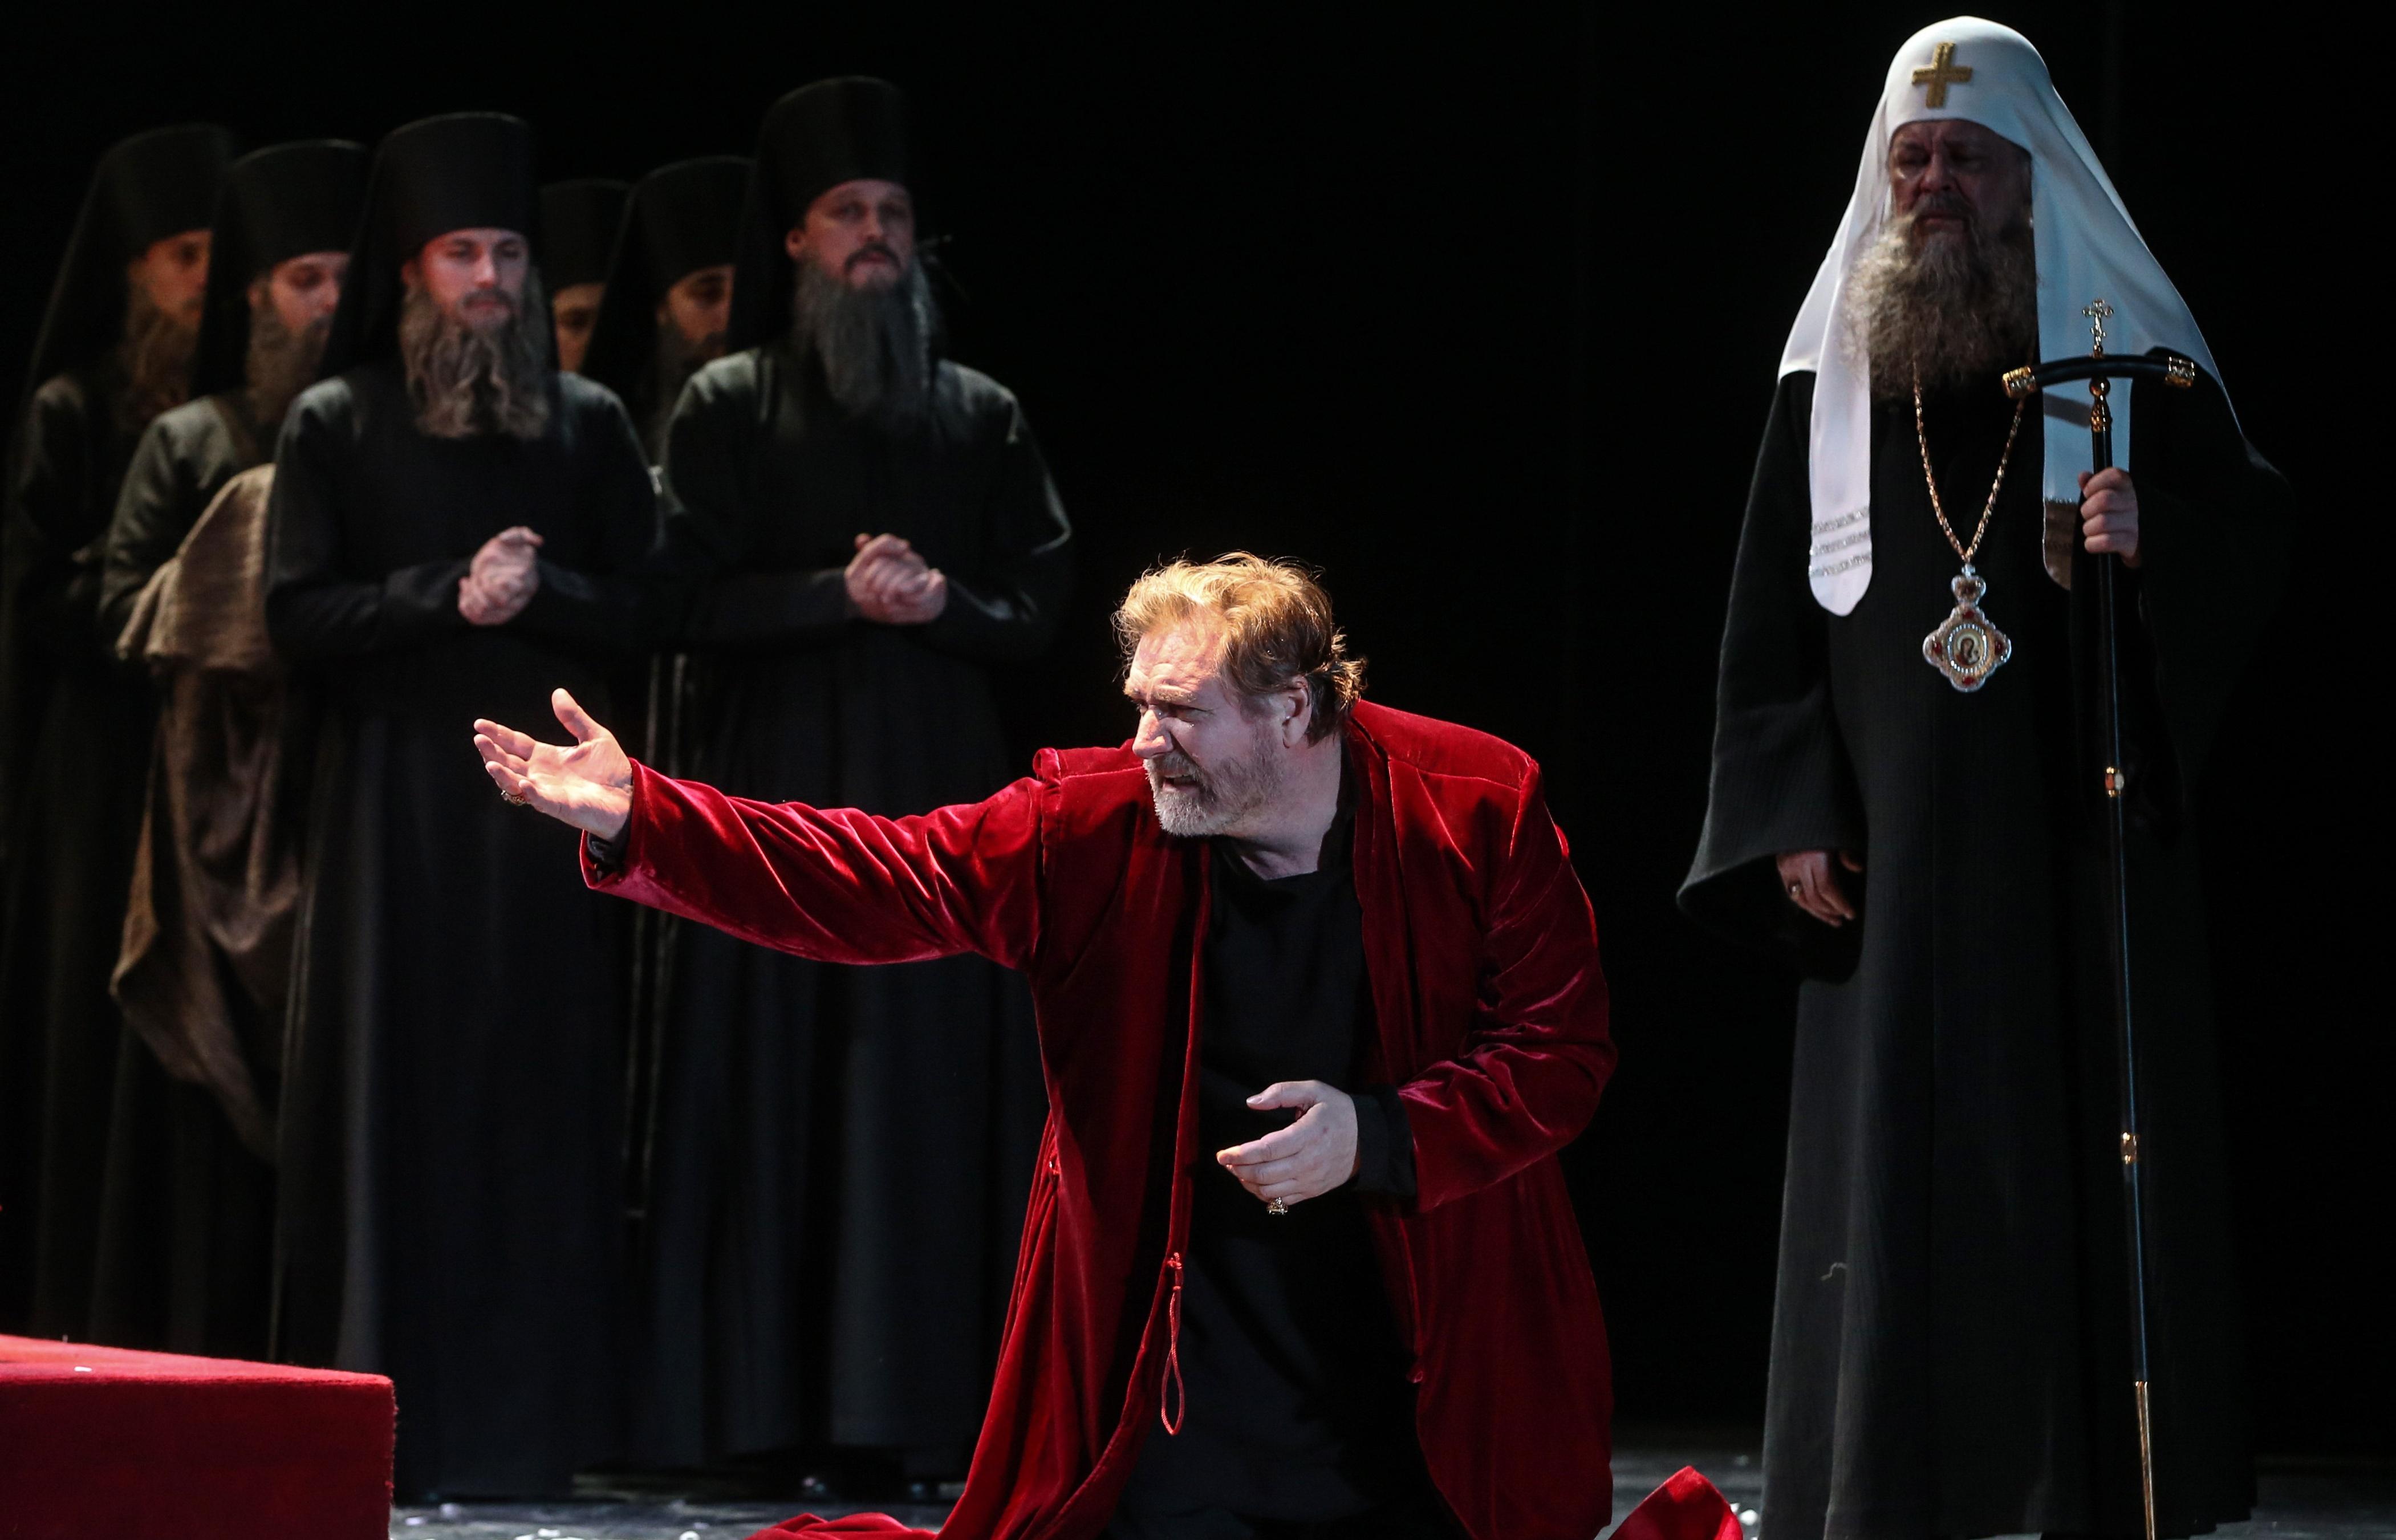 teatr_et_cetera_predstavlyaet_premeru_borisa_godunova_v_postanovke_petera_shtajna.jpg